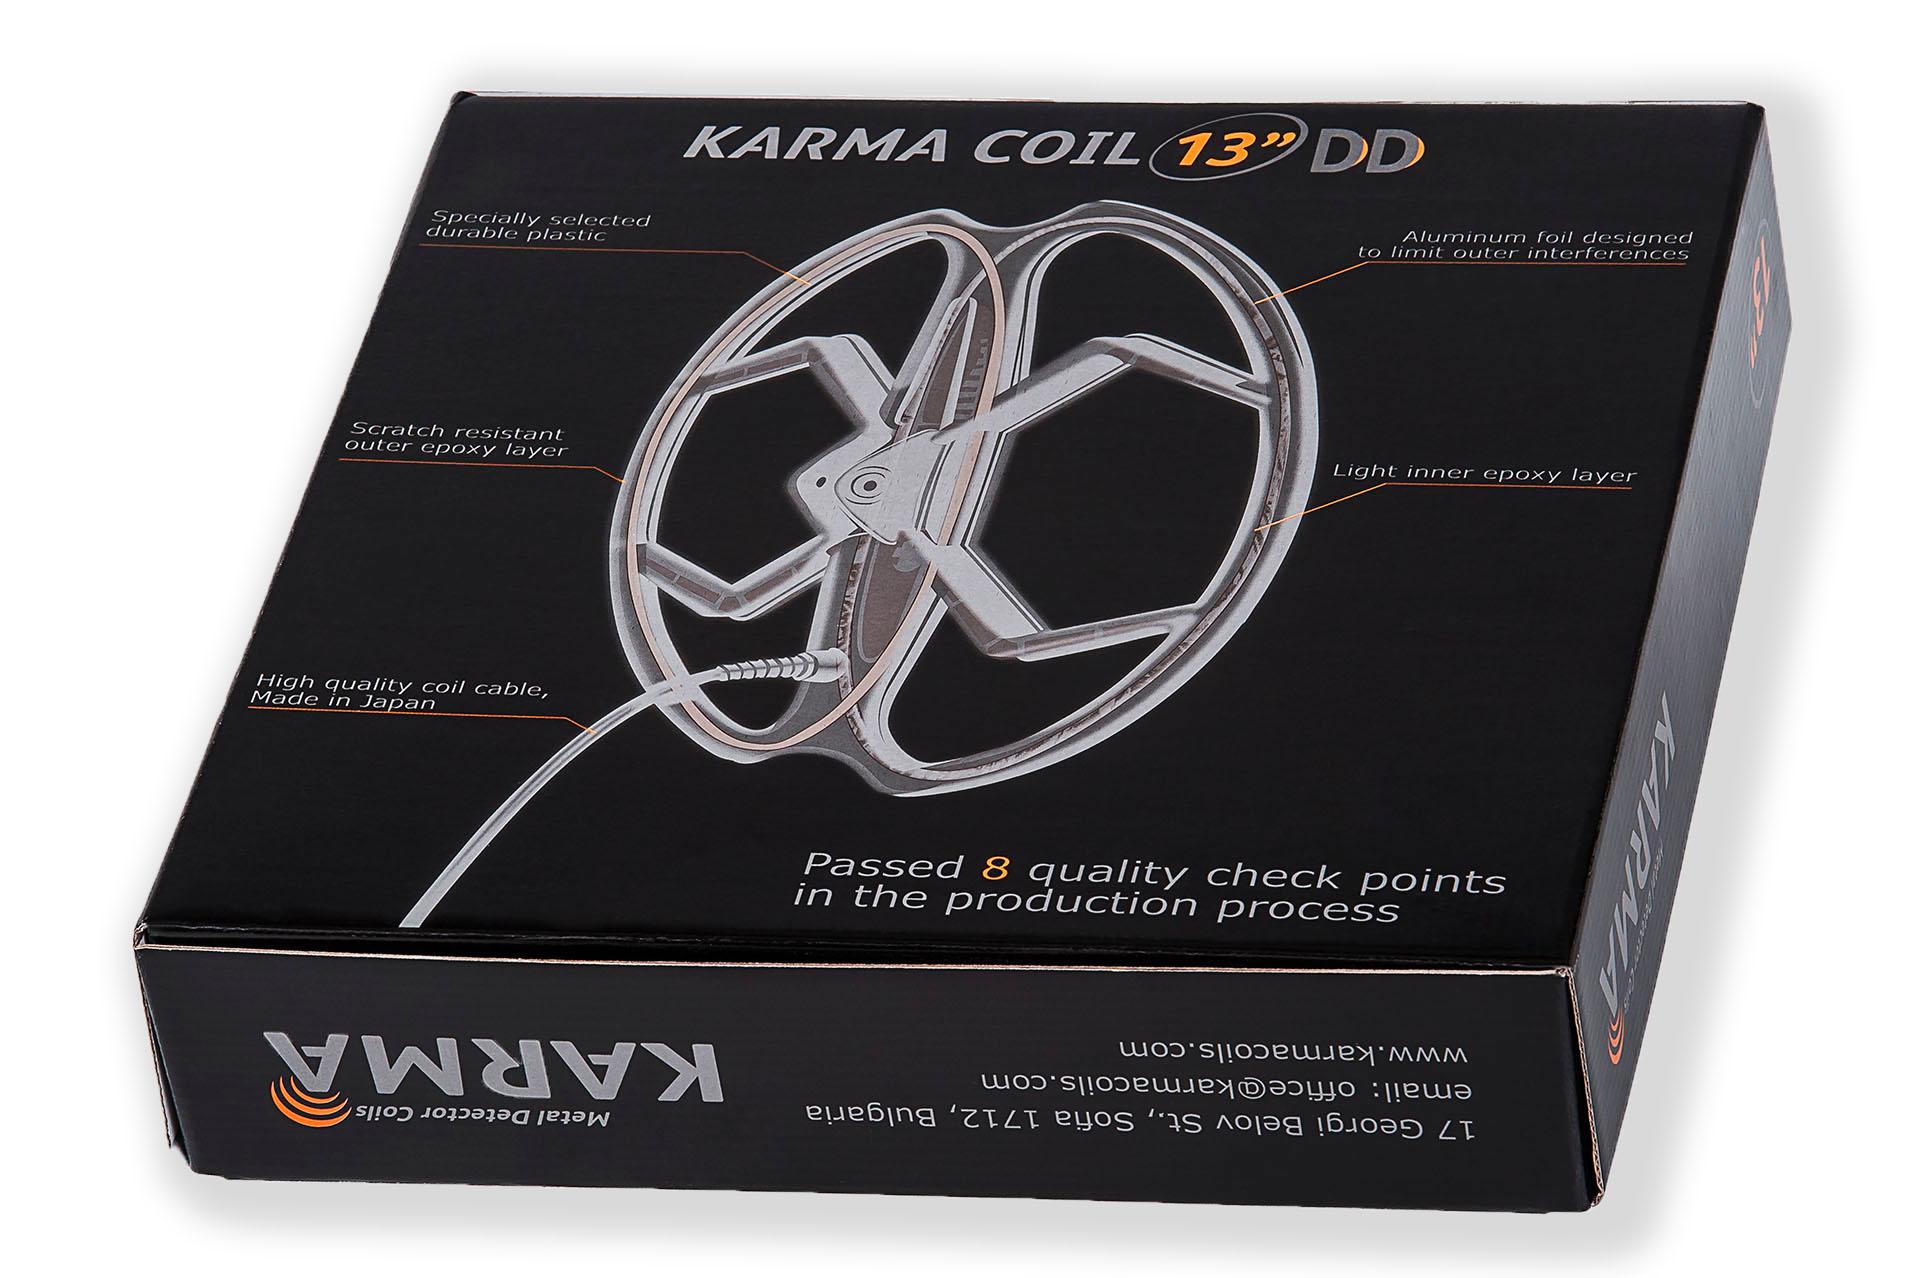 Sonda Karma coils 13